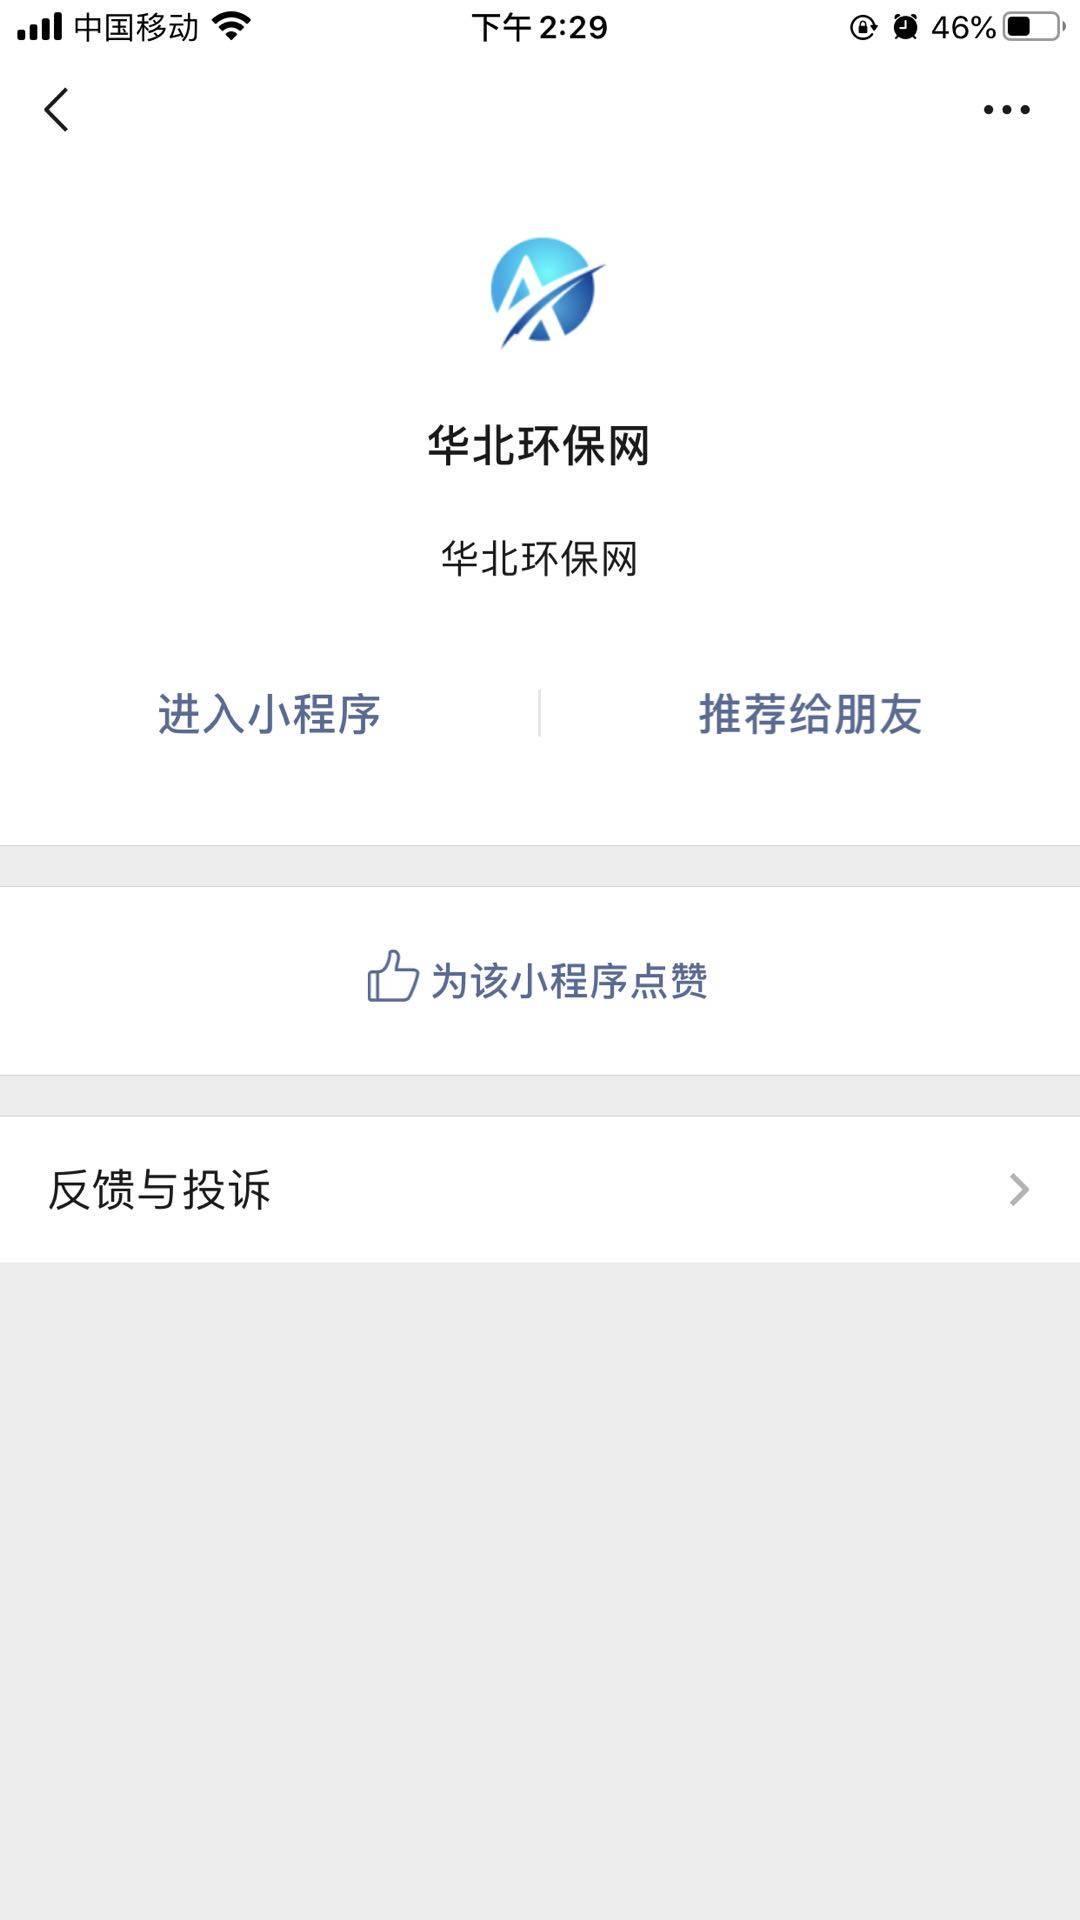 华北环保网小法式:覆盖碧海蓝天 共建绿色美好家